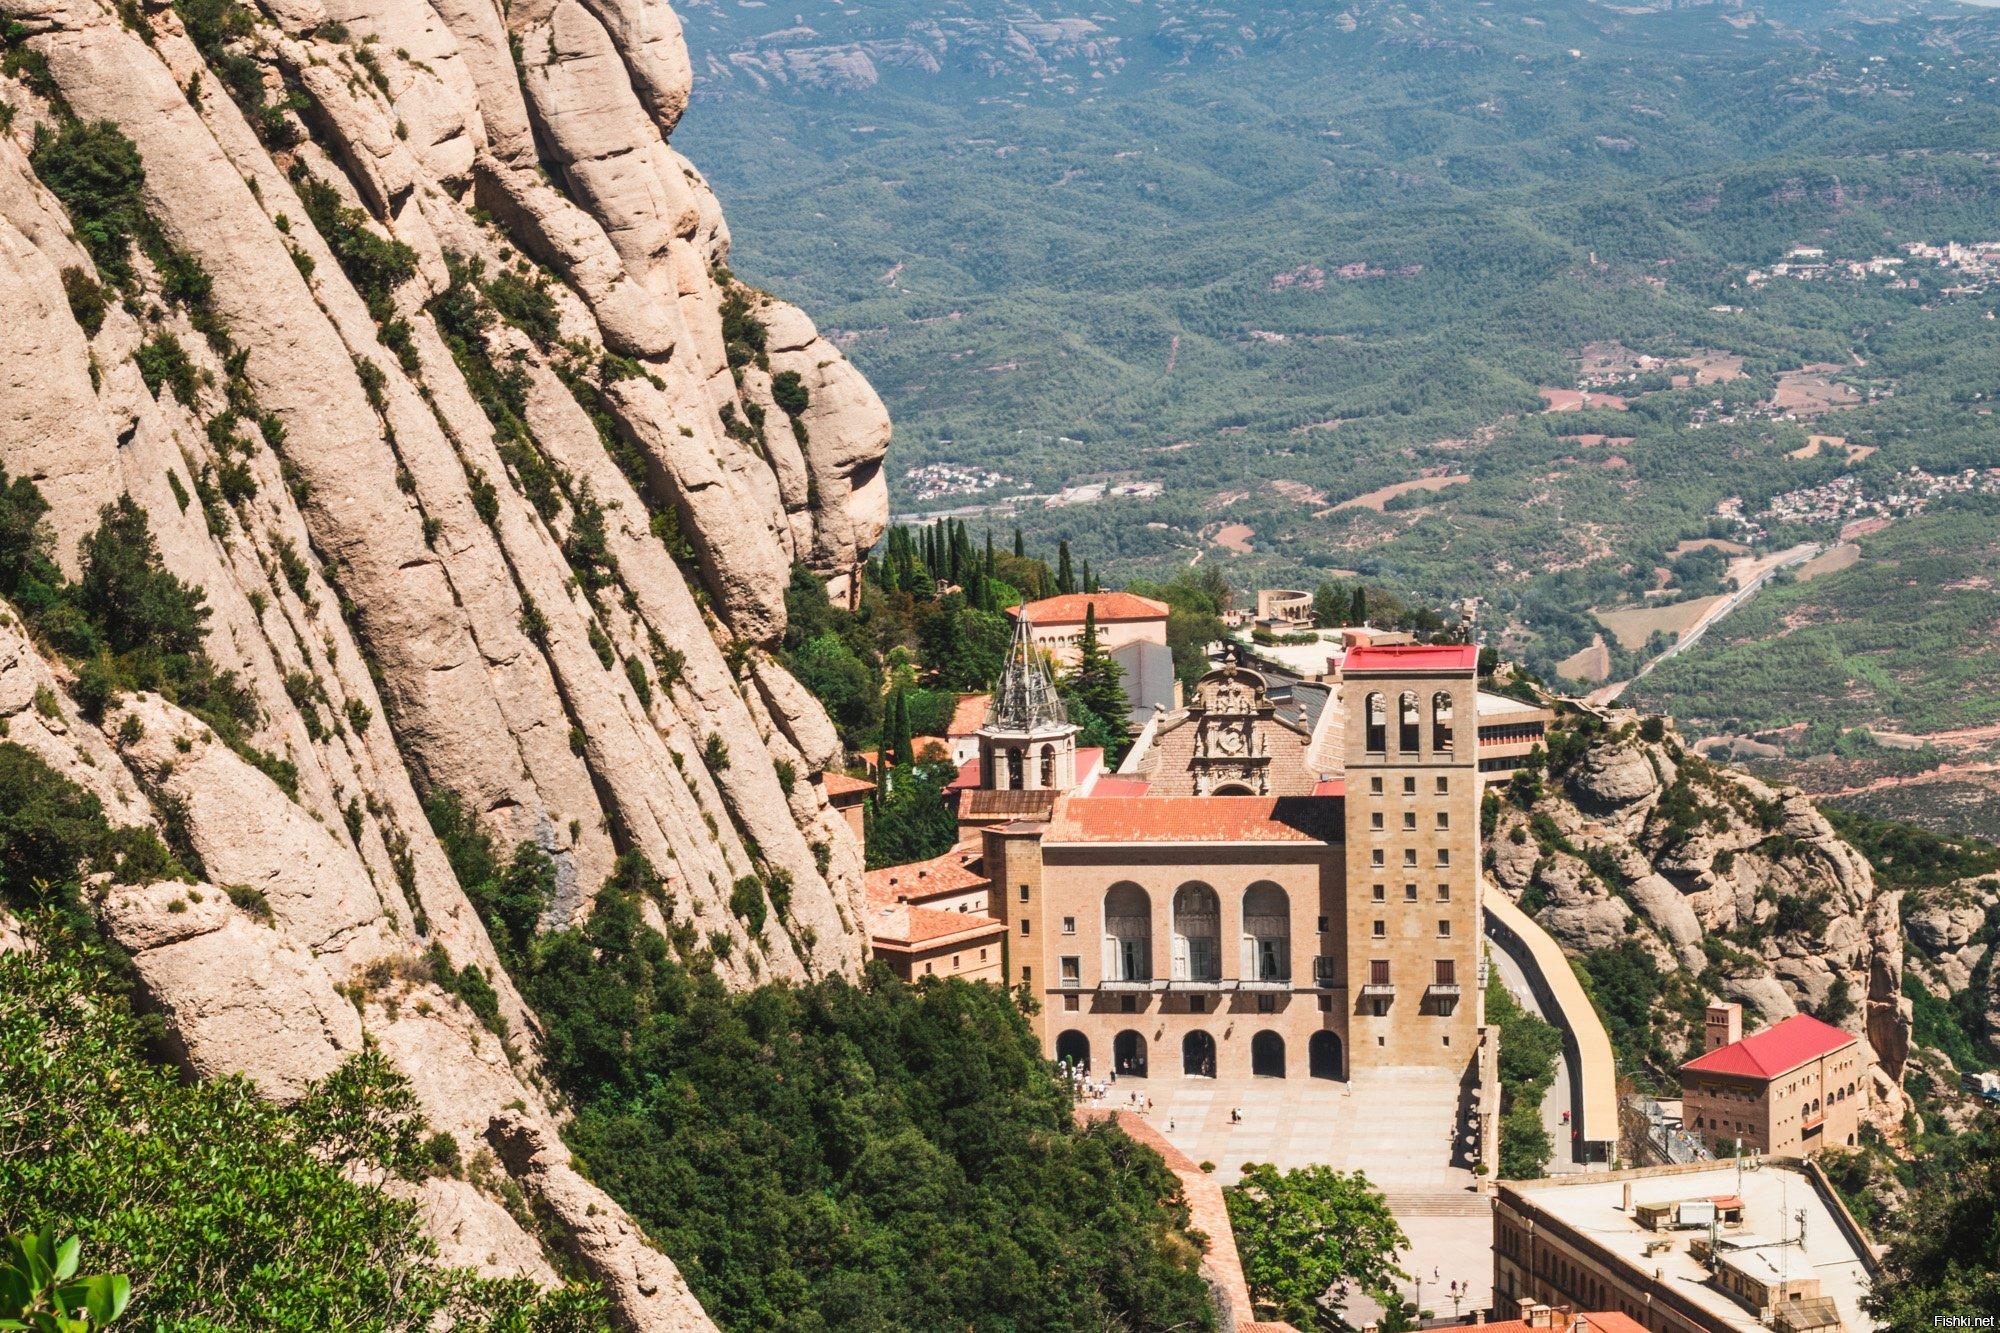 жалкие фотографии монастыря монтсеррат долгожданный сезон тепла